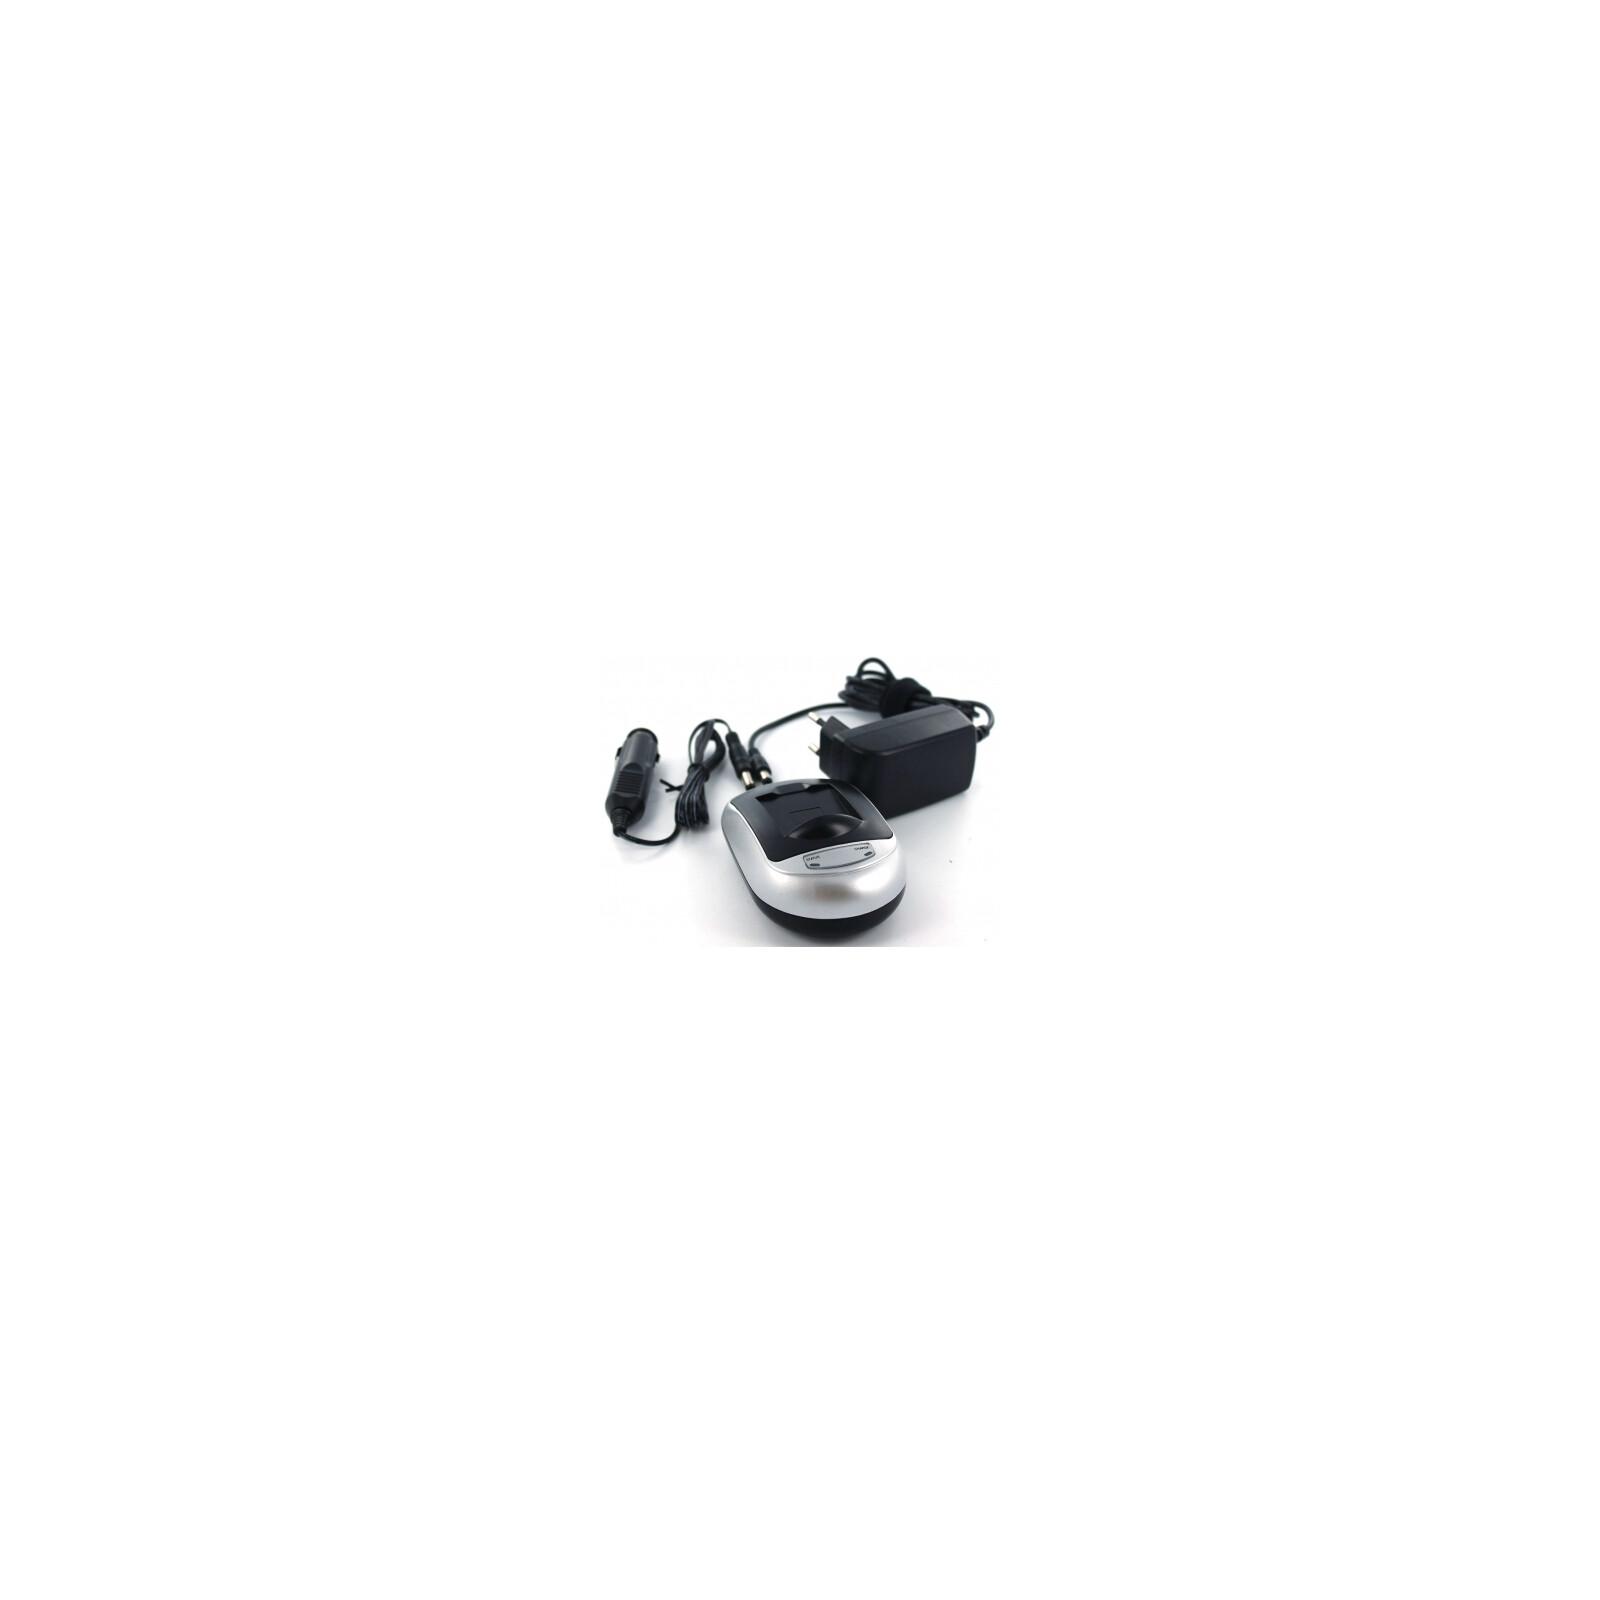 AGI 68453 Ladegerät Canon IXUS 80 IS